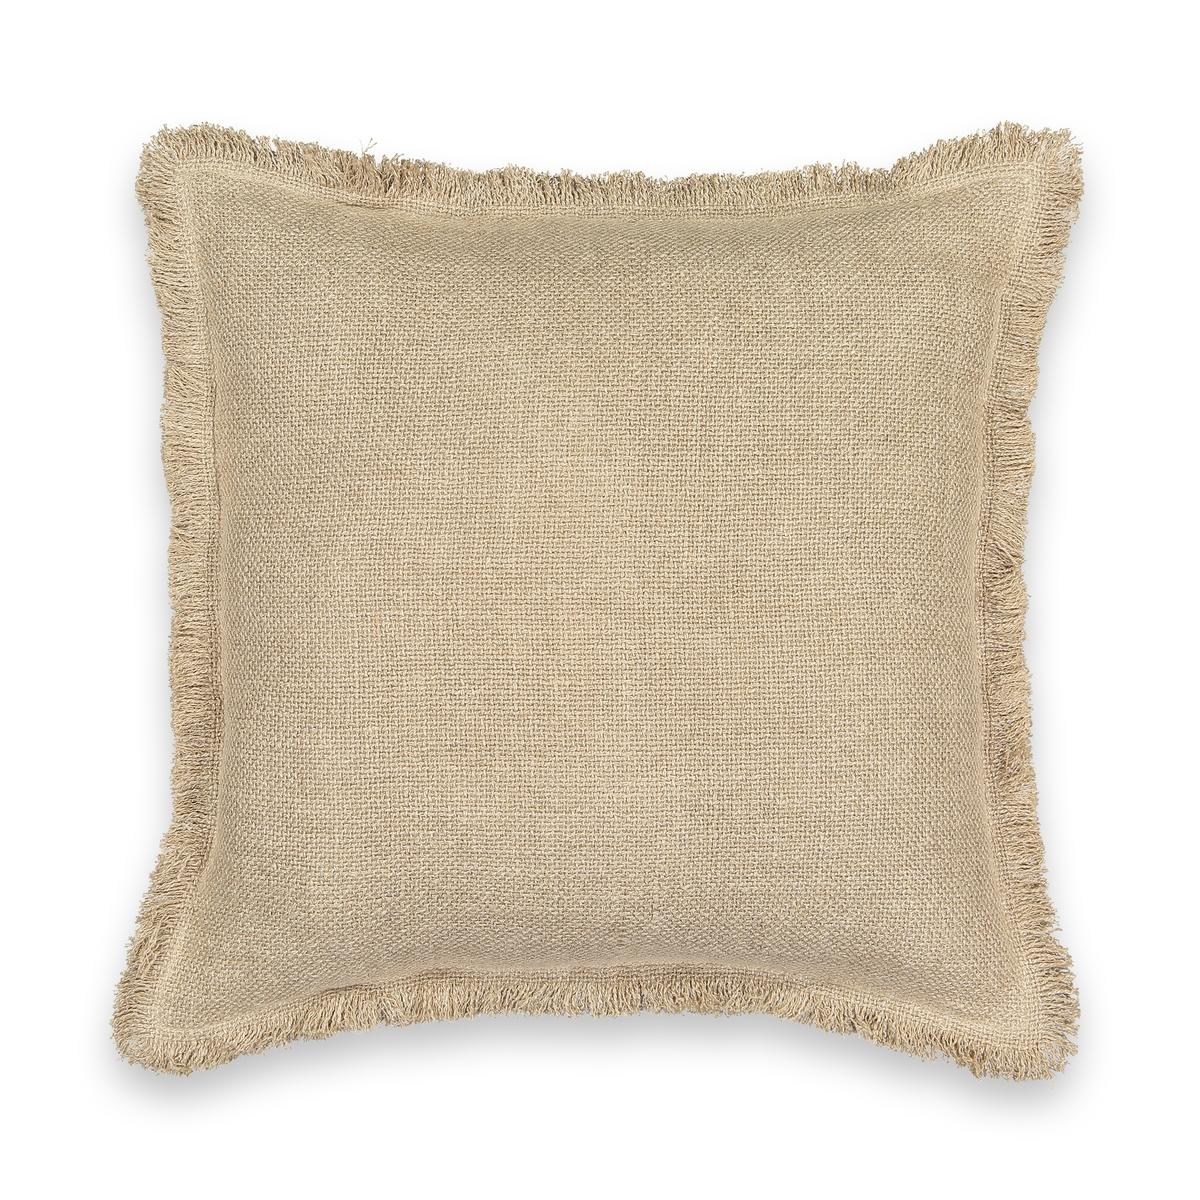 Чехол LaRedoute На подушку из необработанного льна Naoli 50 x 50 см бежевый